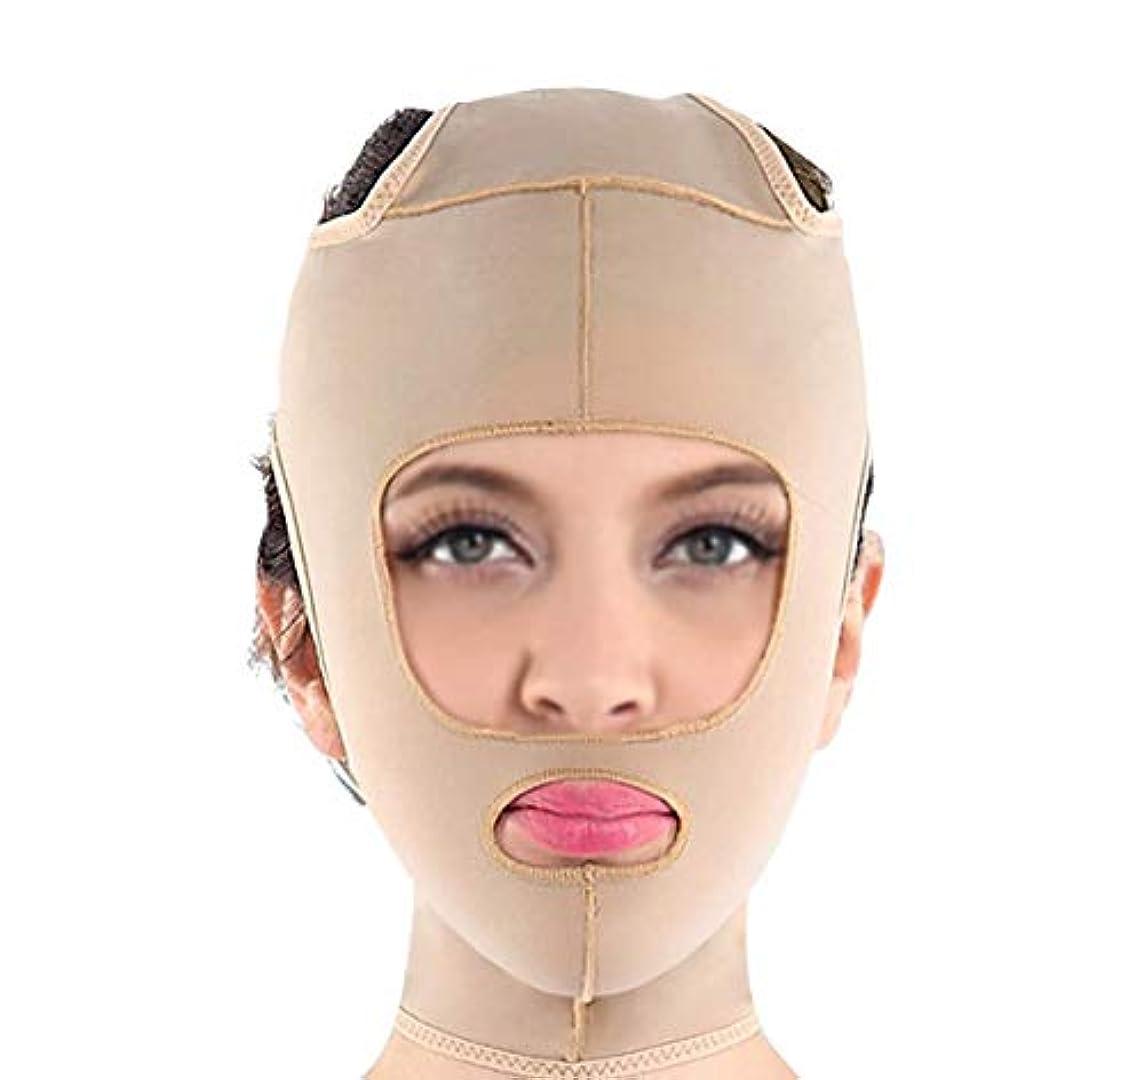 良心的一流膨らませるフェイスリフティングマスクで肌をよりしっかりと保ち、V字型の顔を形作り、超薄型の通気性、調節可能で快適な着用感(サイズ:Xl),Xl